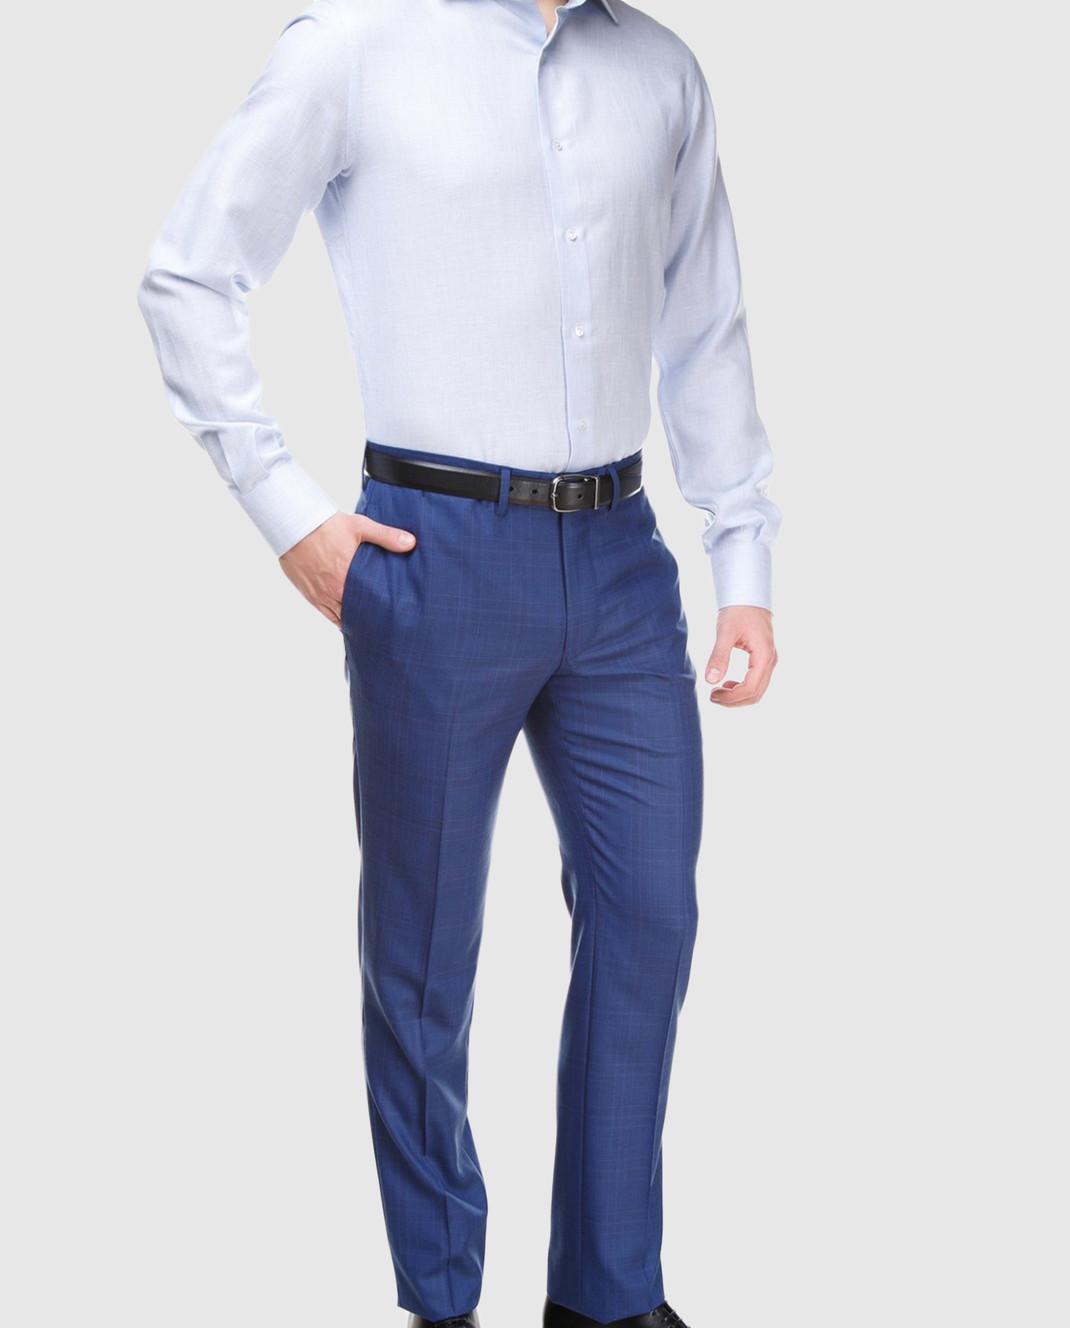 Голубая рубашка Stile Latino CMSLIMPRIMO1SMCM08 — Symbol